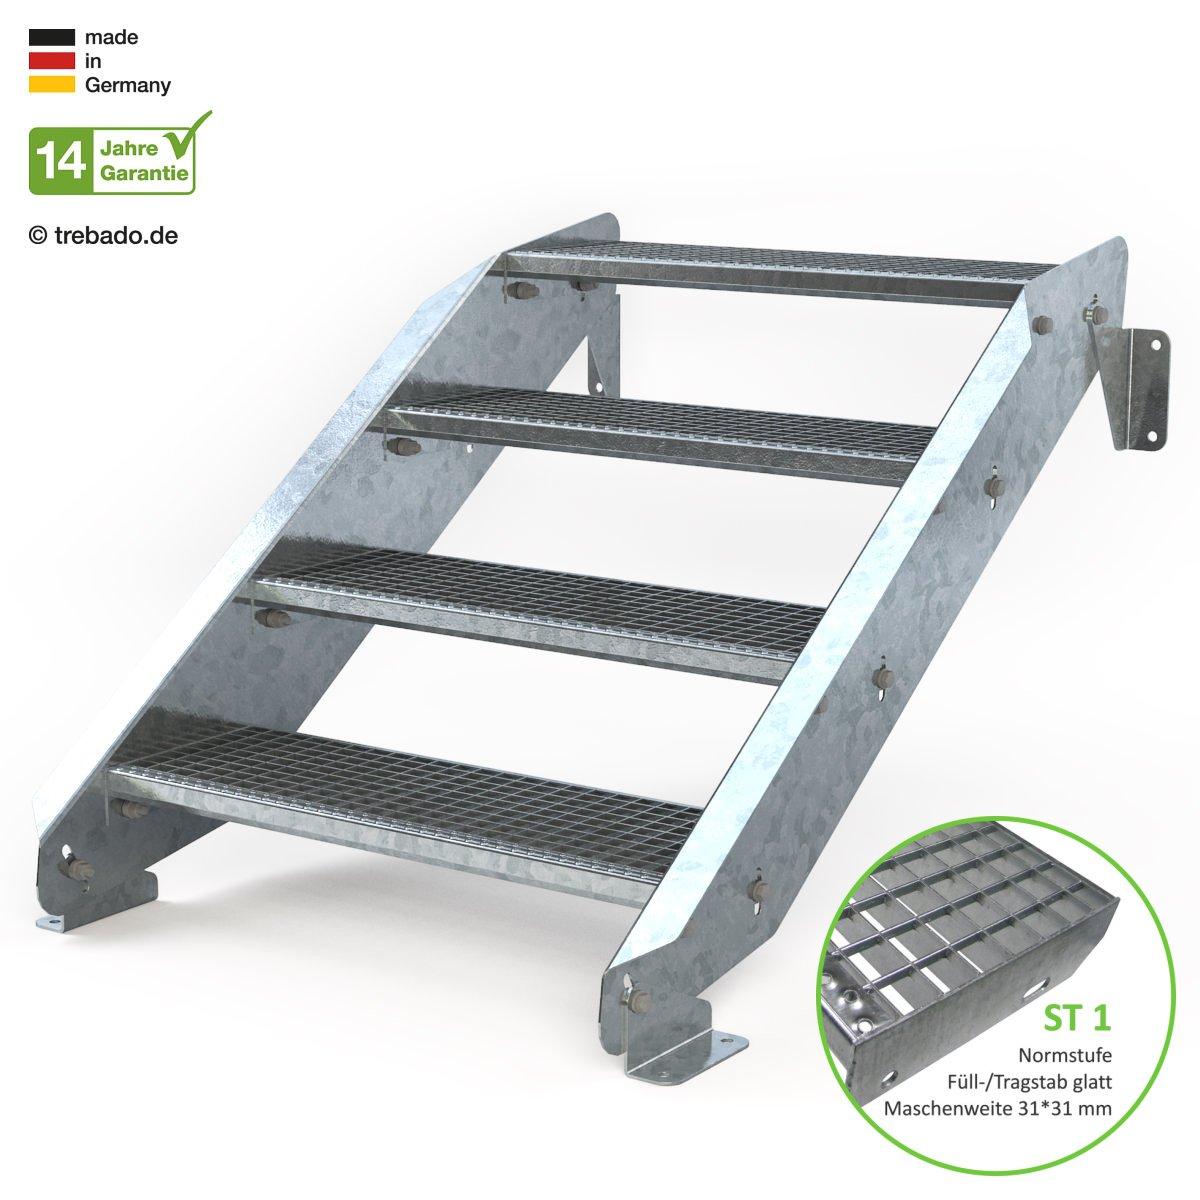 Anstellh/öhe variabel von 62 cm bis 84 cm ohne Gel/änder Au/ßentreppe 4 Stufen 80 cm Laufbreite feuerverzinkte Stahltreppe mit 800 mm Stufenl/änge als montagefertiger Bausatz Gitterroststufe ST1